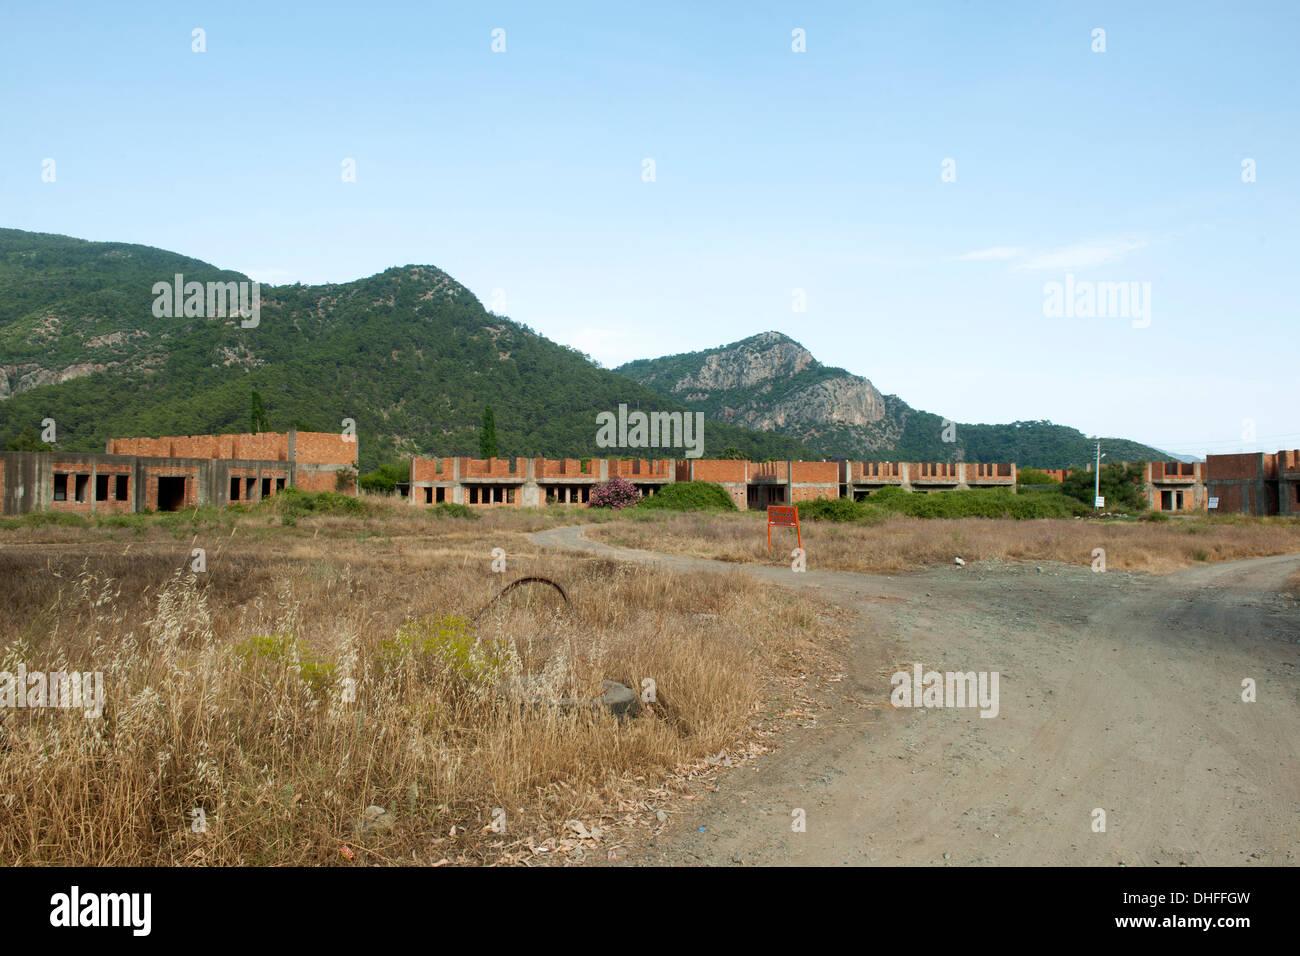 Asien, Türkei, Provinz Mugla, Ekincik, Bauruinen einer seit Jahren nicht weitergebauten Ferienanlage - Stock Image